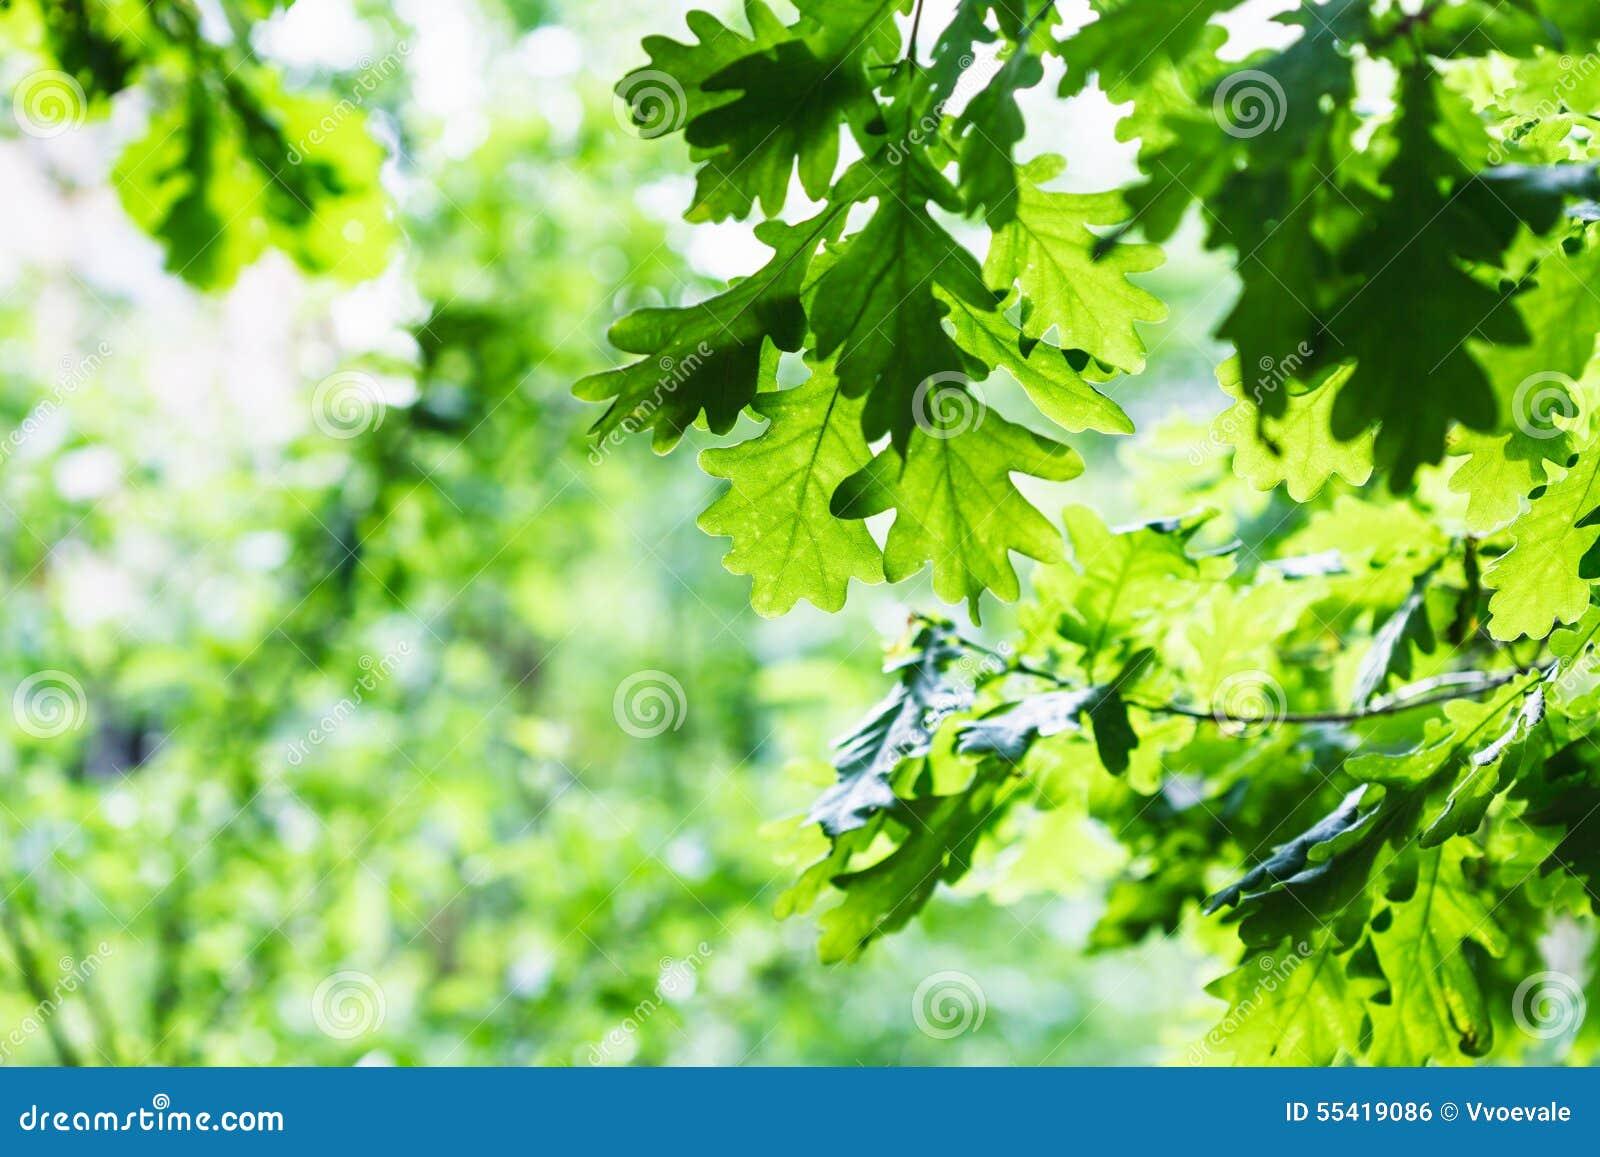 Zielony dębowy ulistnienie w lato deszczowym dniu